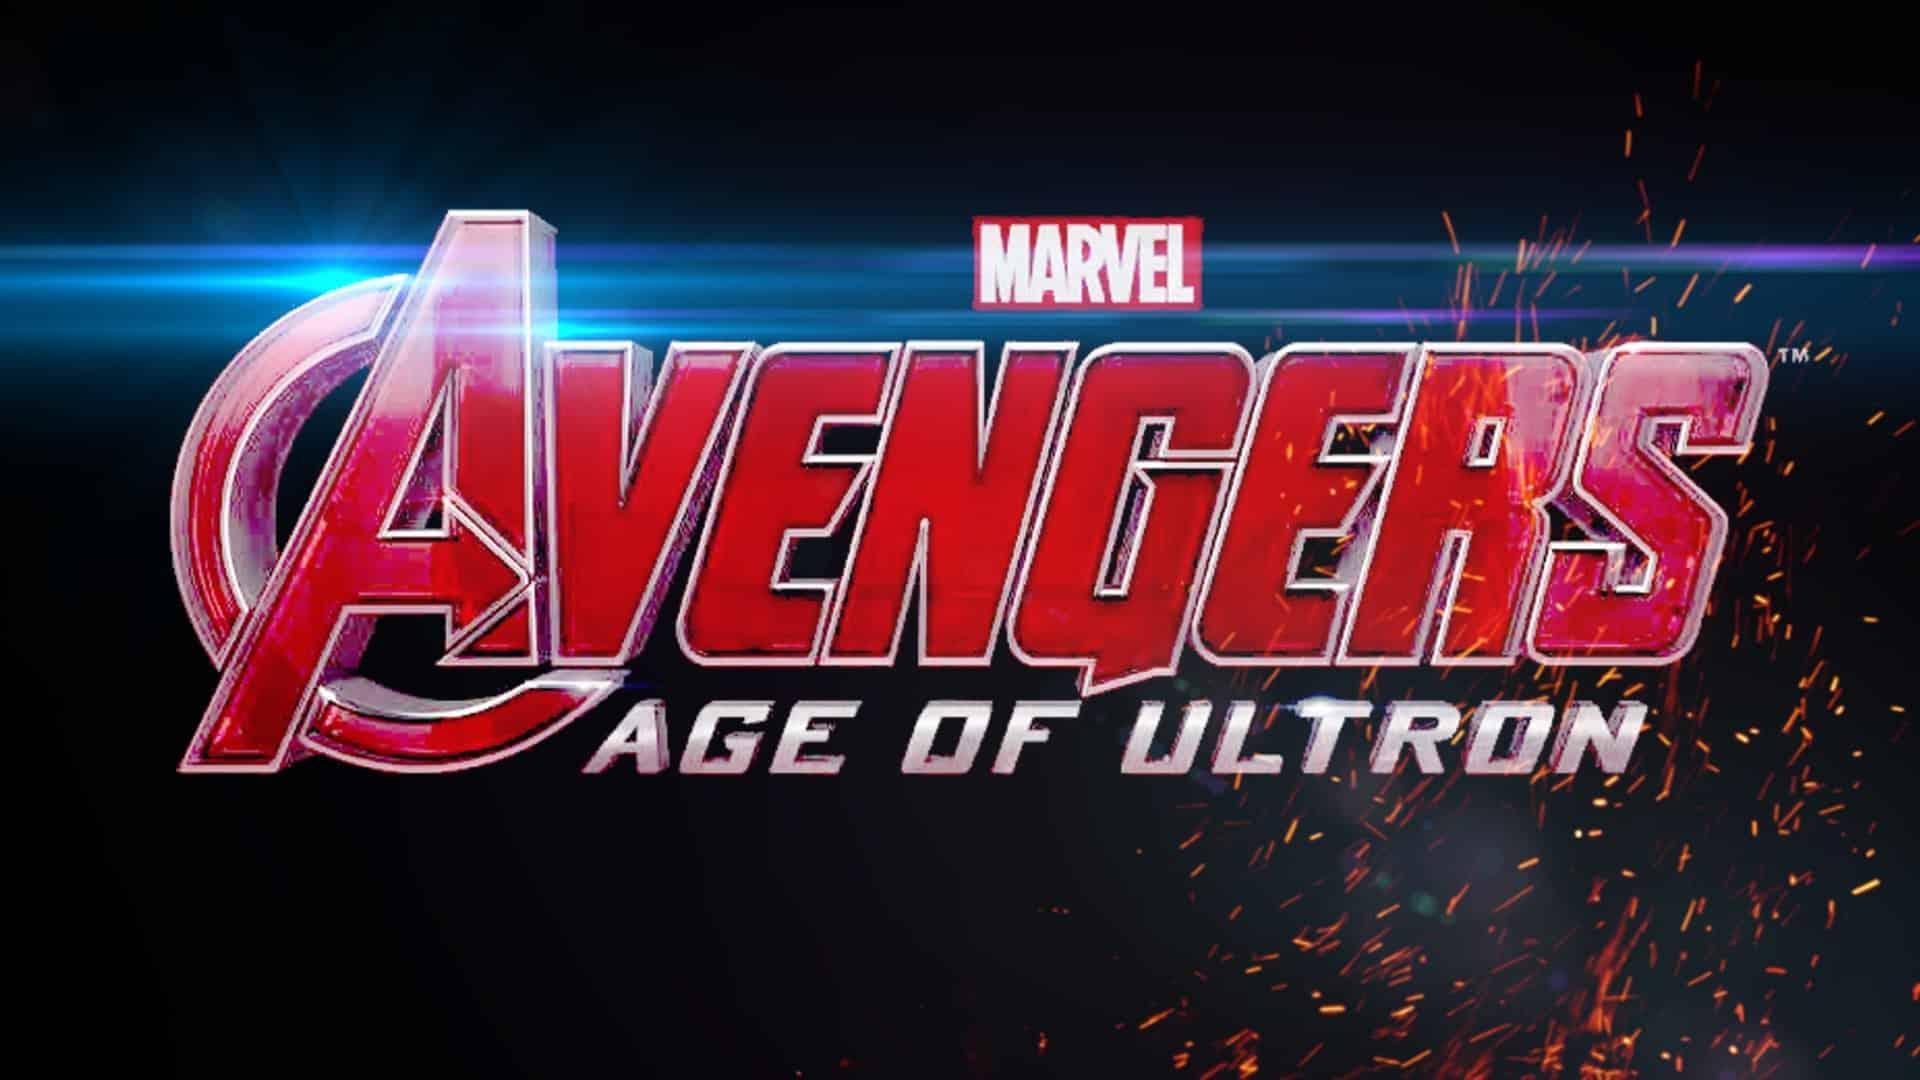 La filtración del segundo trailer de Avenger: Age of Ultron ha provocado el enfrentamiento de Marvel y Google.